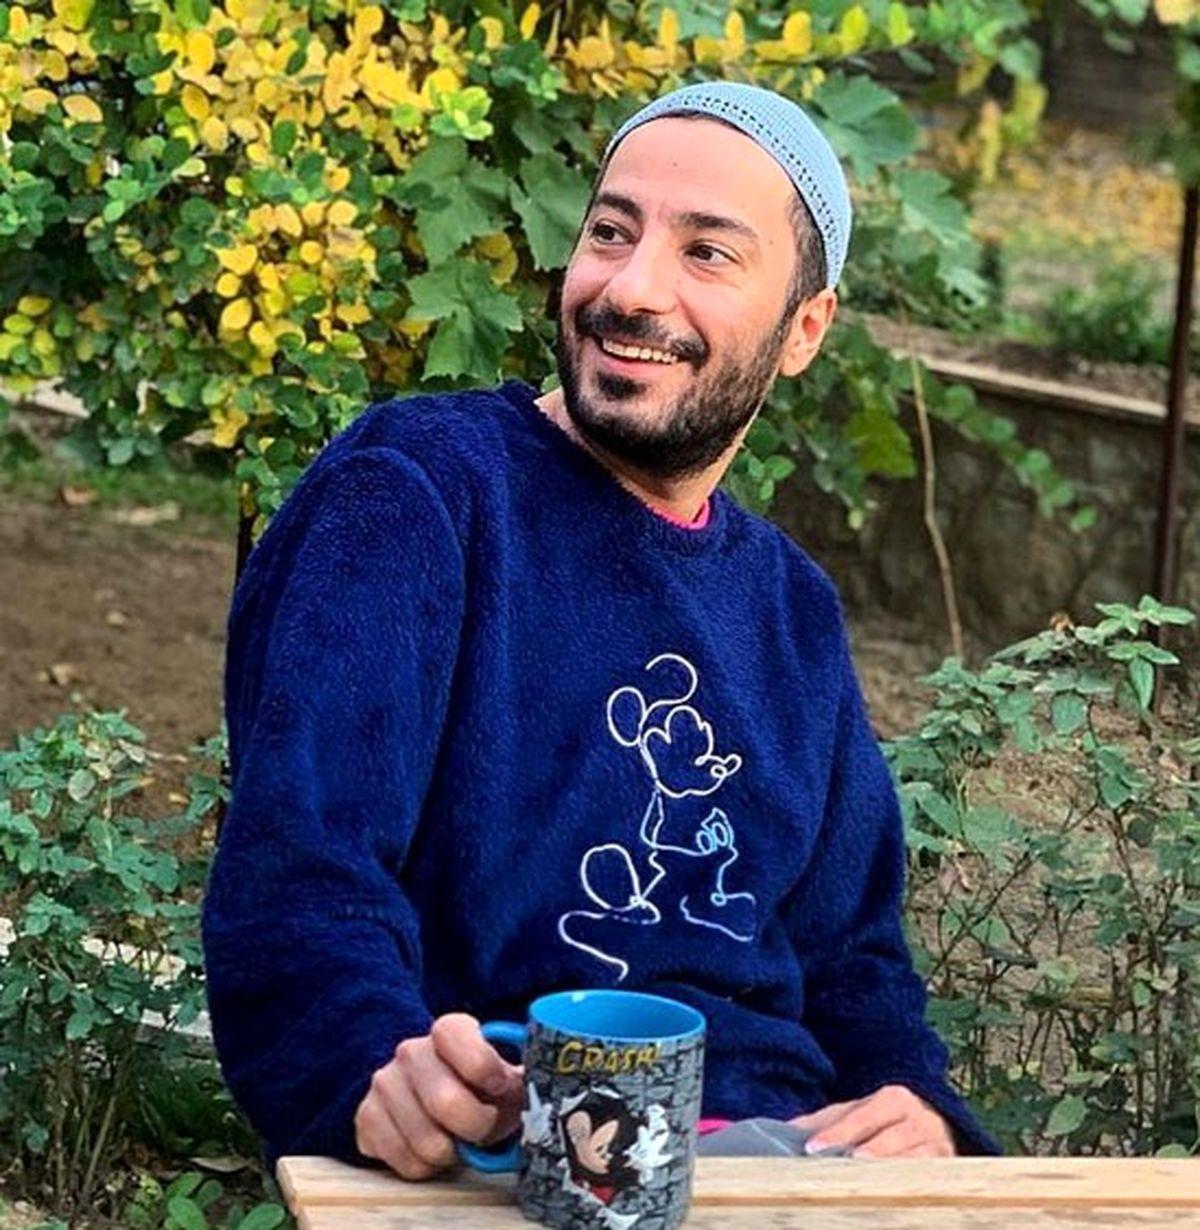 استوری عاشقانه نوید محمدزاده برای نامزدش+تصاویر دیده نشده نوید محمدزاده